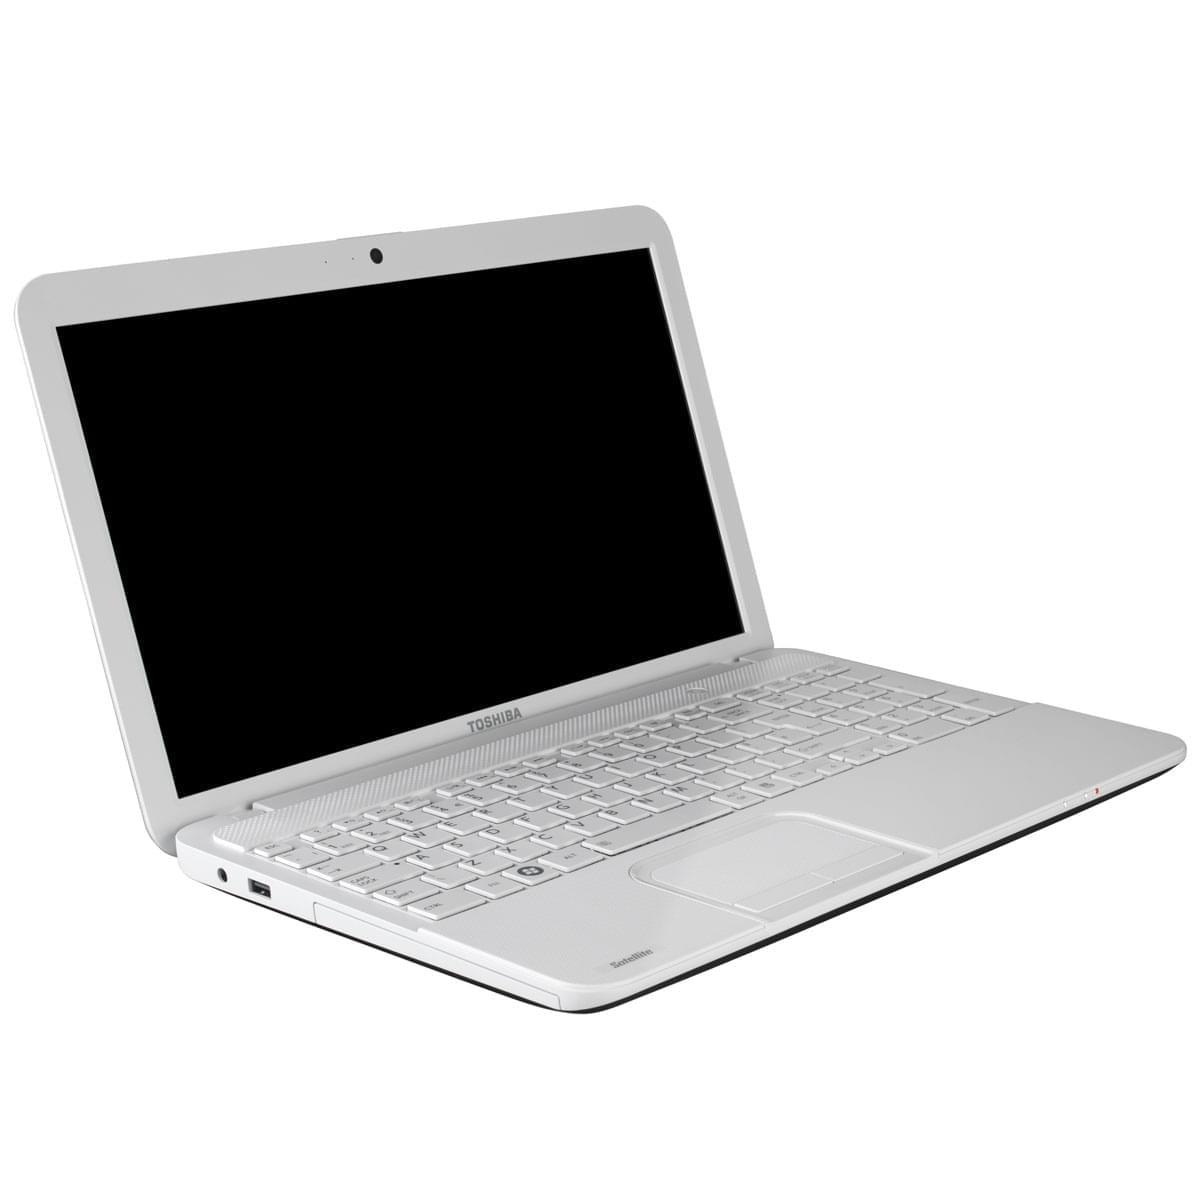 Toshiba C855-1J8 (PSKCCE-04M004FR) - Achat / Vente PC Portable sur Cybertek.fr - 0